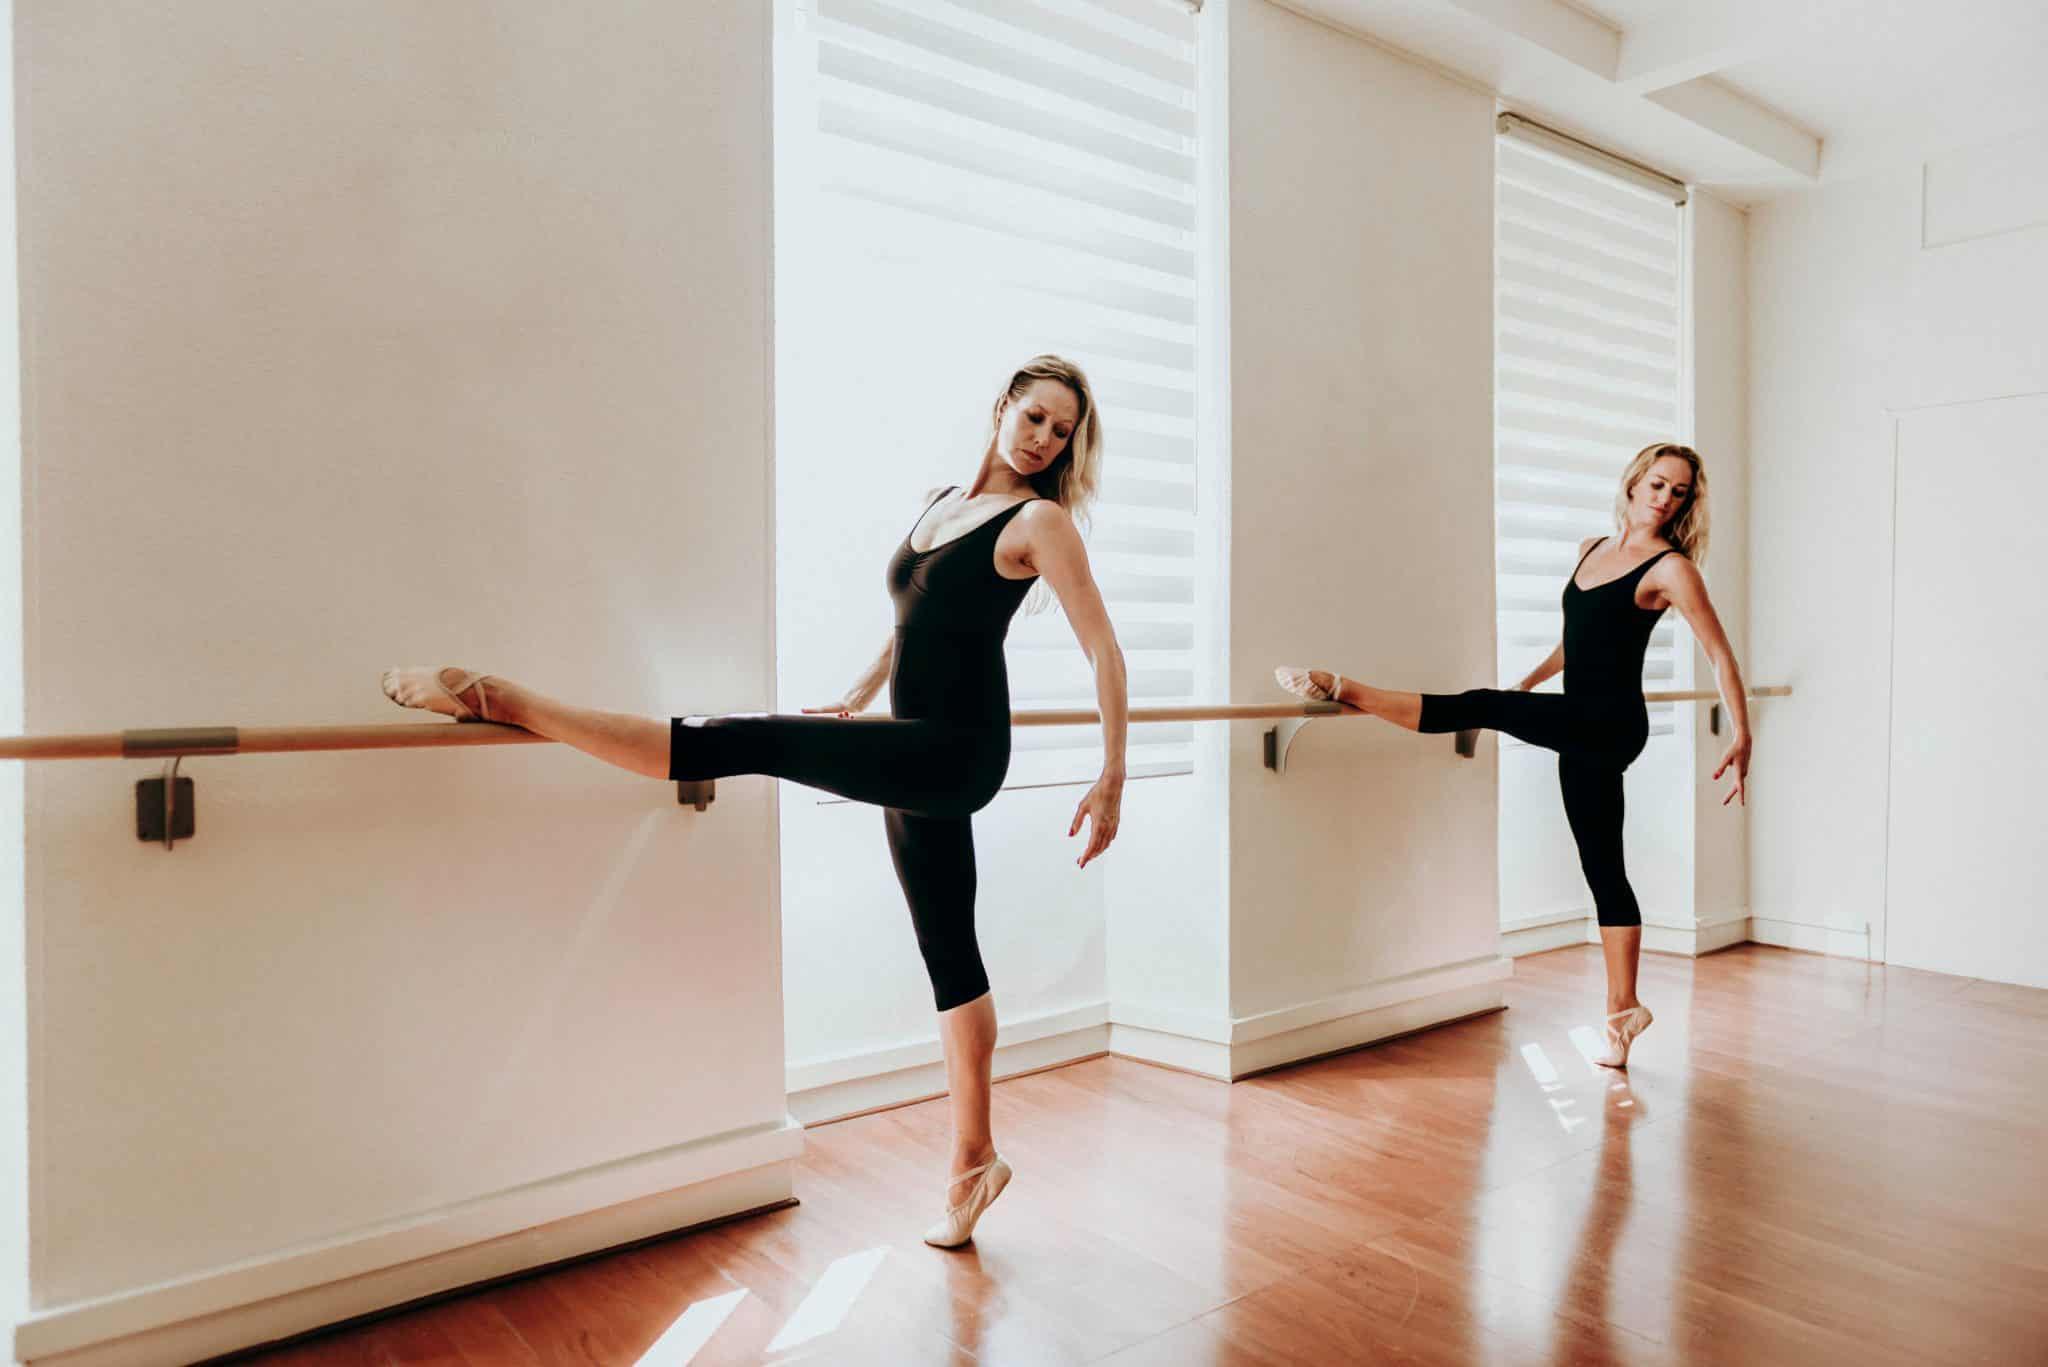 Cours collectif de Ballet Form chez Future Form Nice